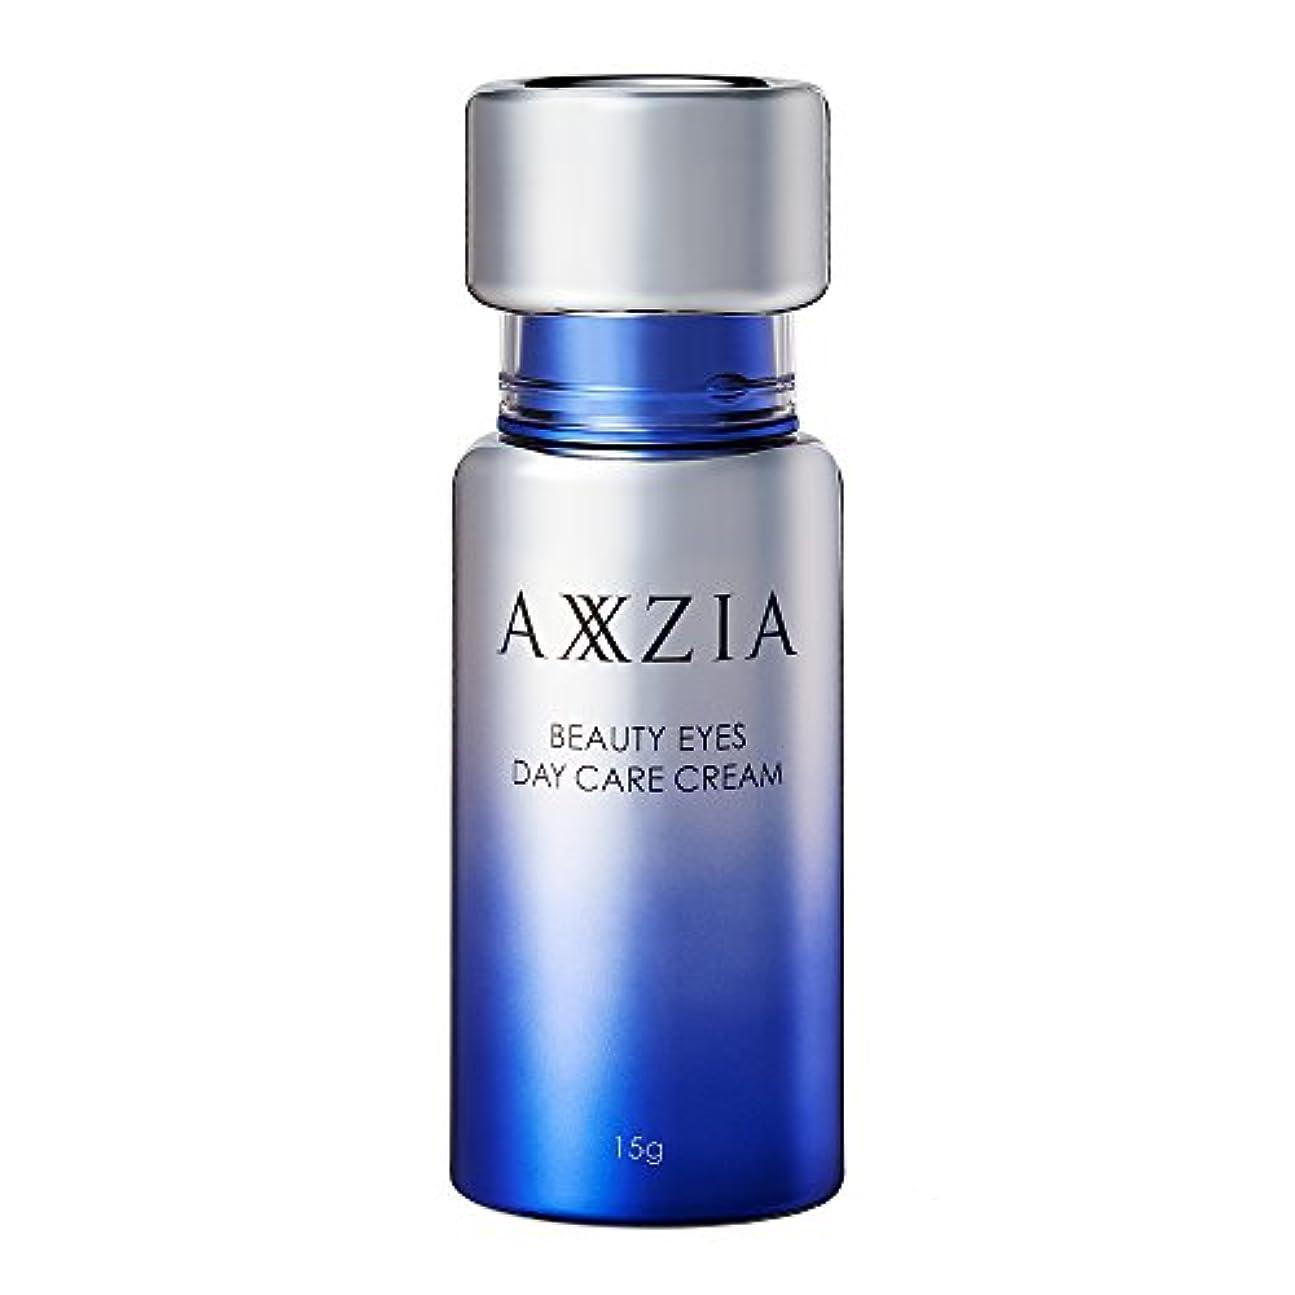 列挙するアトム一アクシージア (AXXZIA) ビューティアイズ デイ ケア クリーム 15g | アイクリーム 目の下のたるみ 化粧品 解消 目元のたるみ